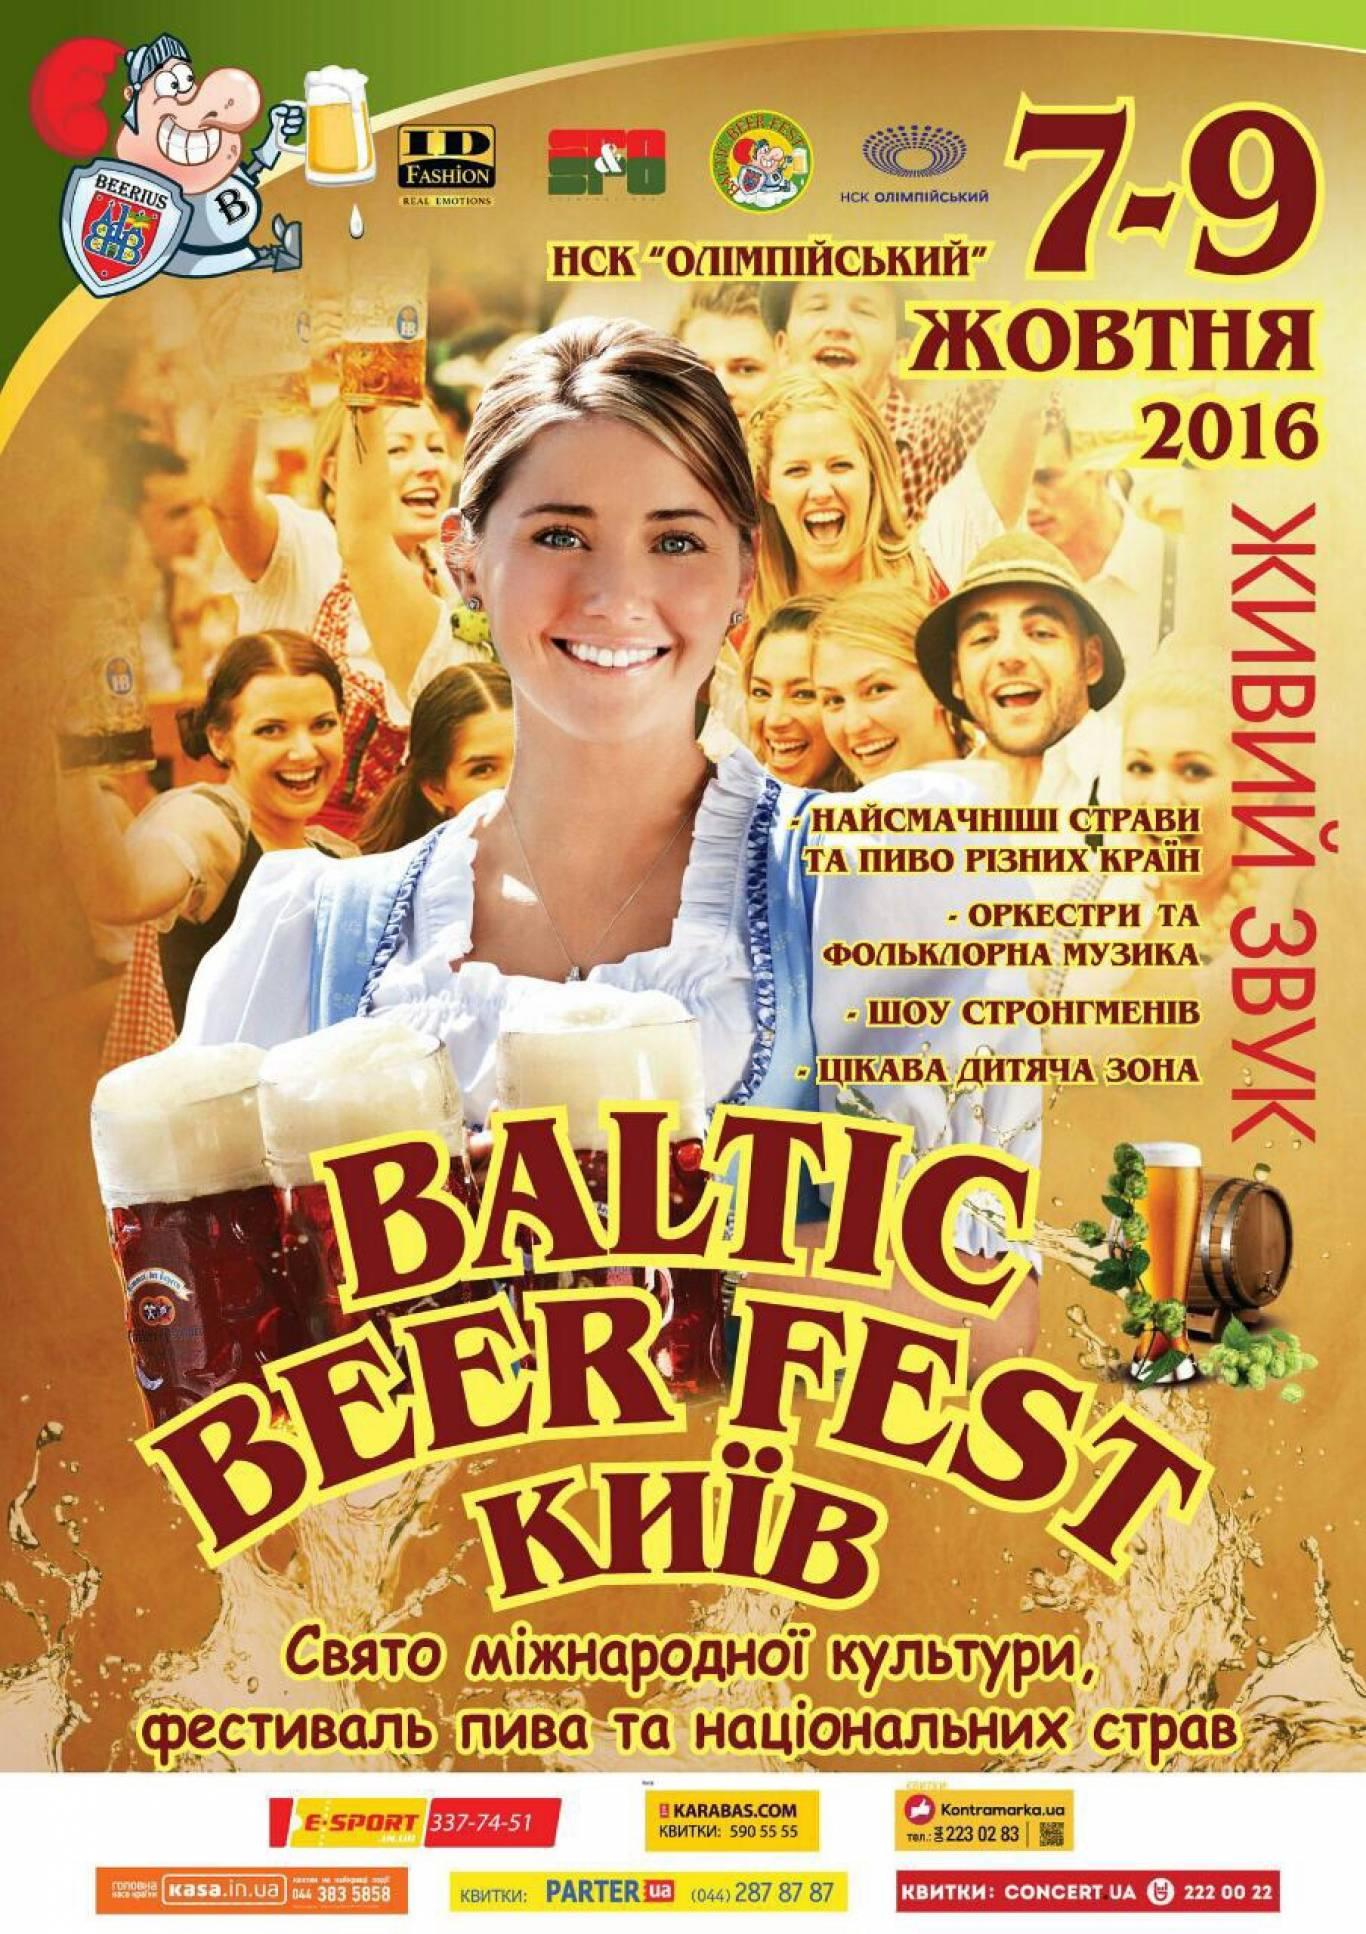 Фестиваль Baltic Beer Fest